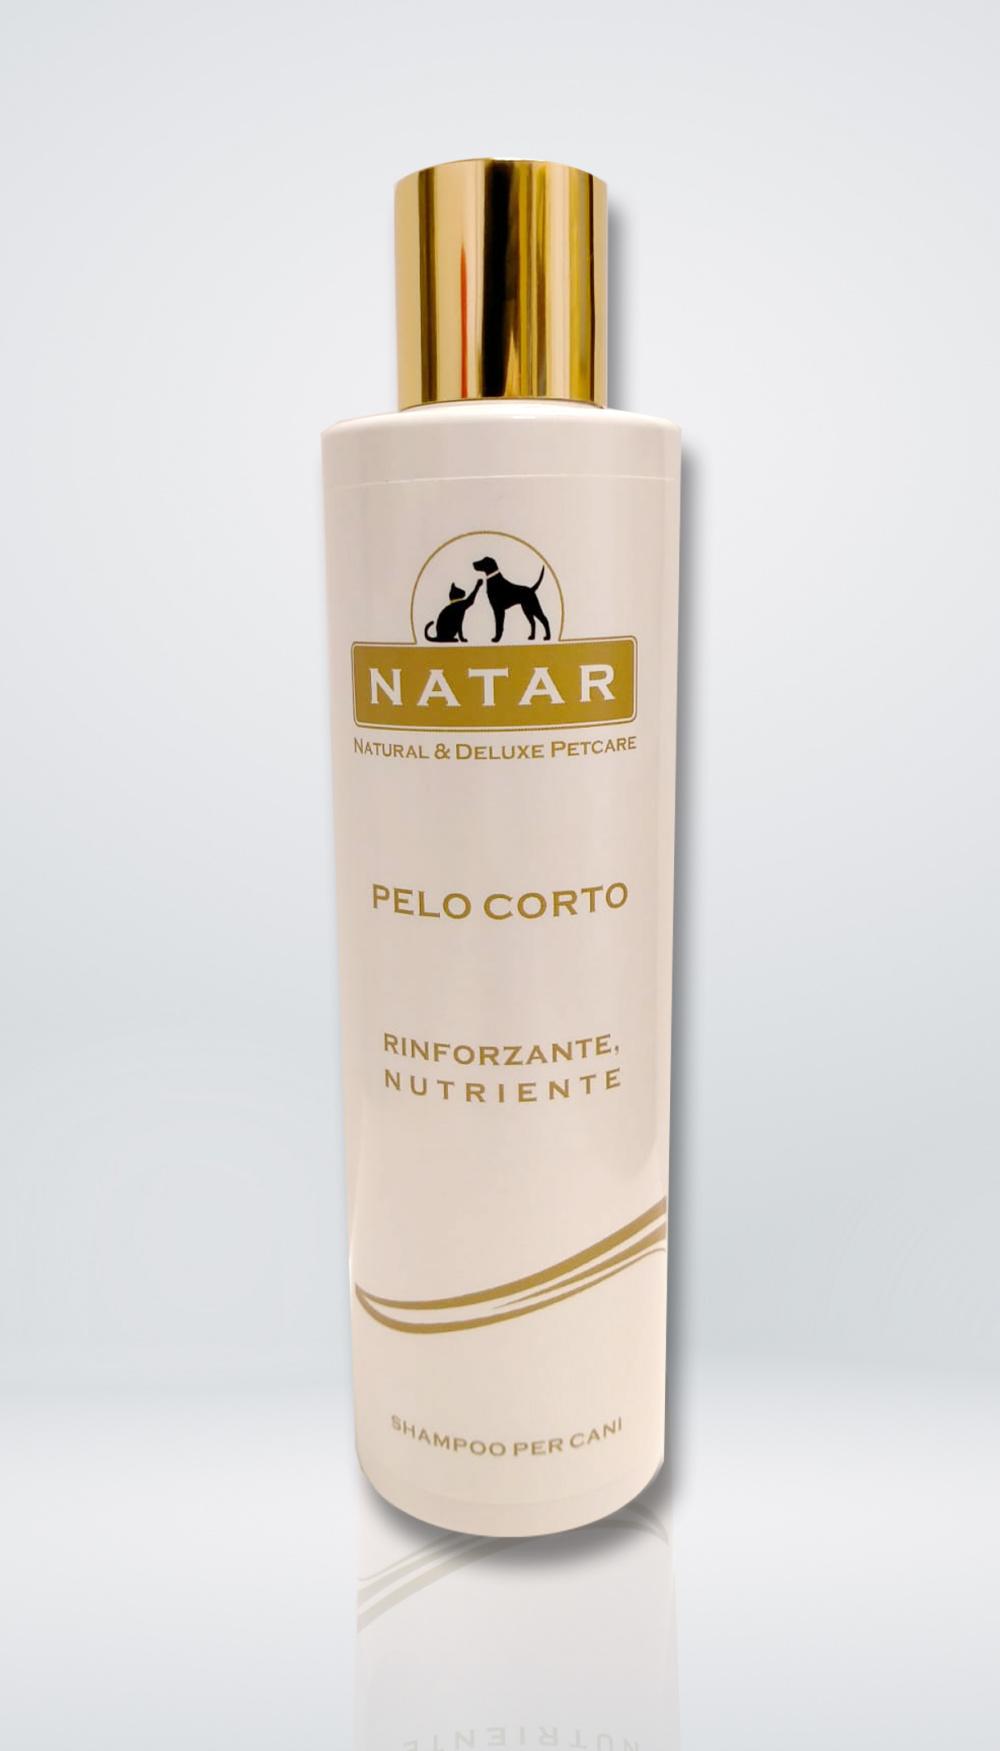 Natar Shampoo per Cani Pelo Corto